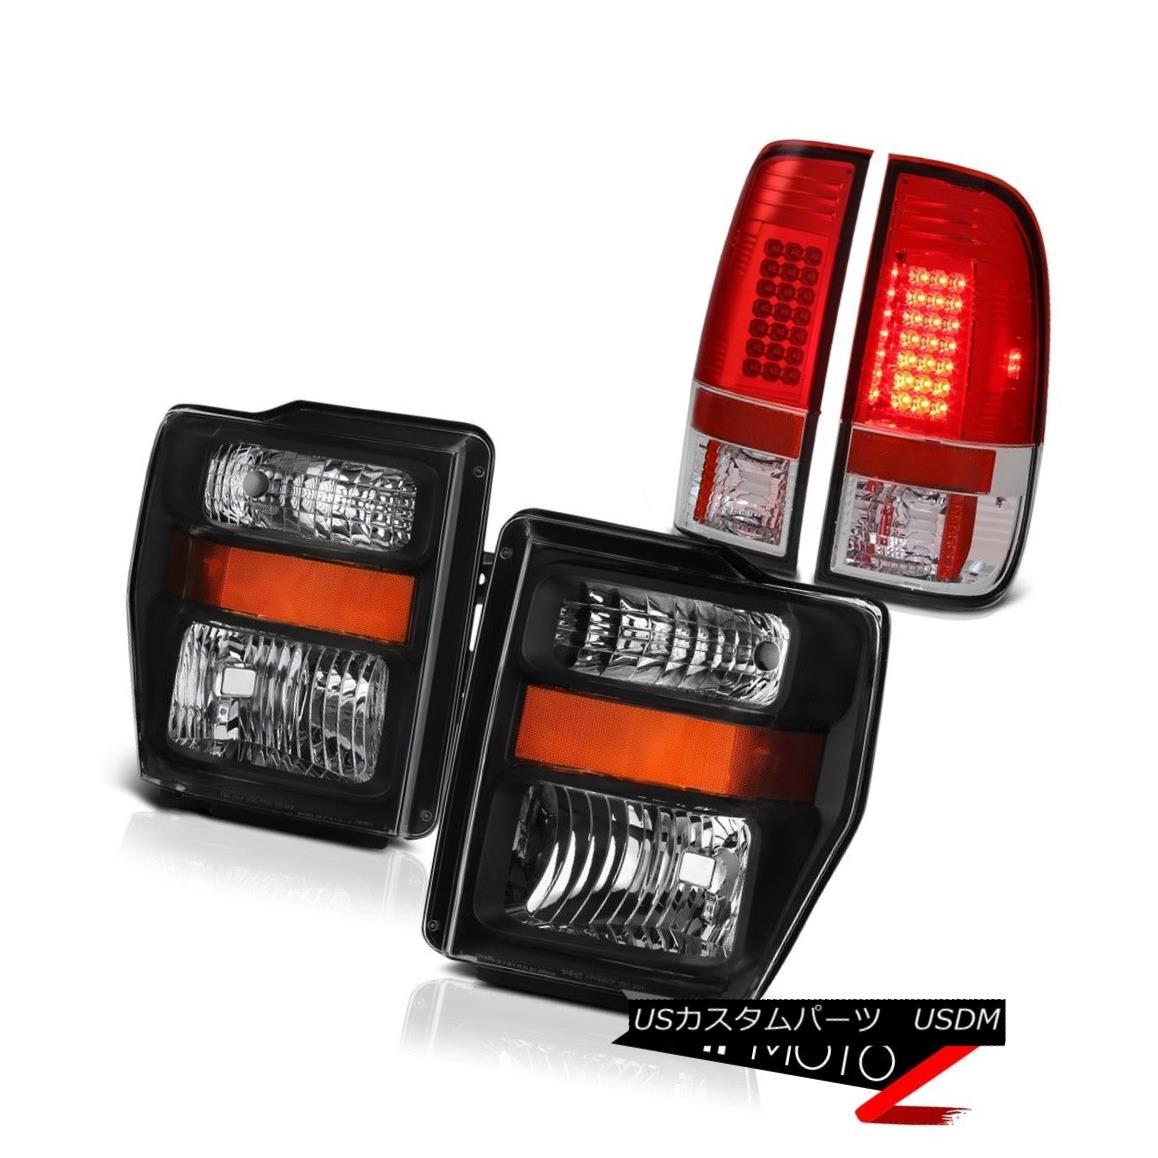 テールライト Factory Style Black Amber Headlight Red Rear LED Tail Lights 2008-2010 F250 F350 工場スタイルブラックアンバーヘッドライトレッドリアテールライト2008-2010 F250 F350